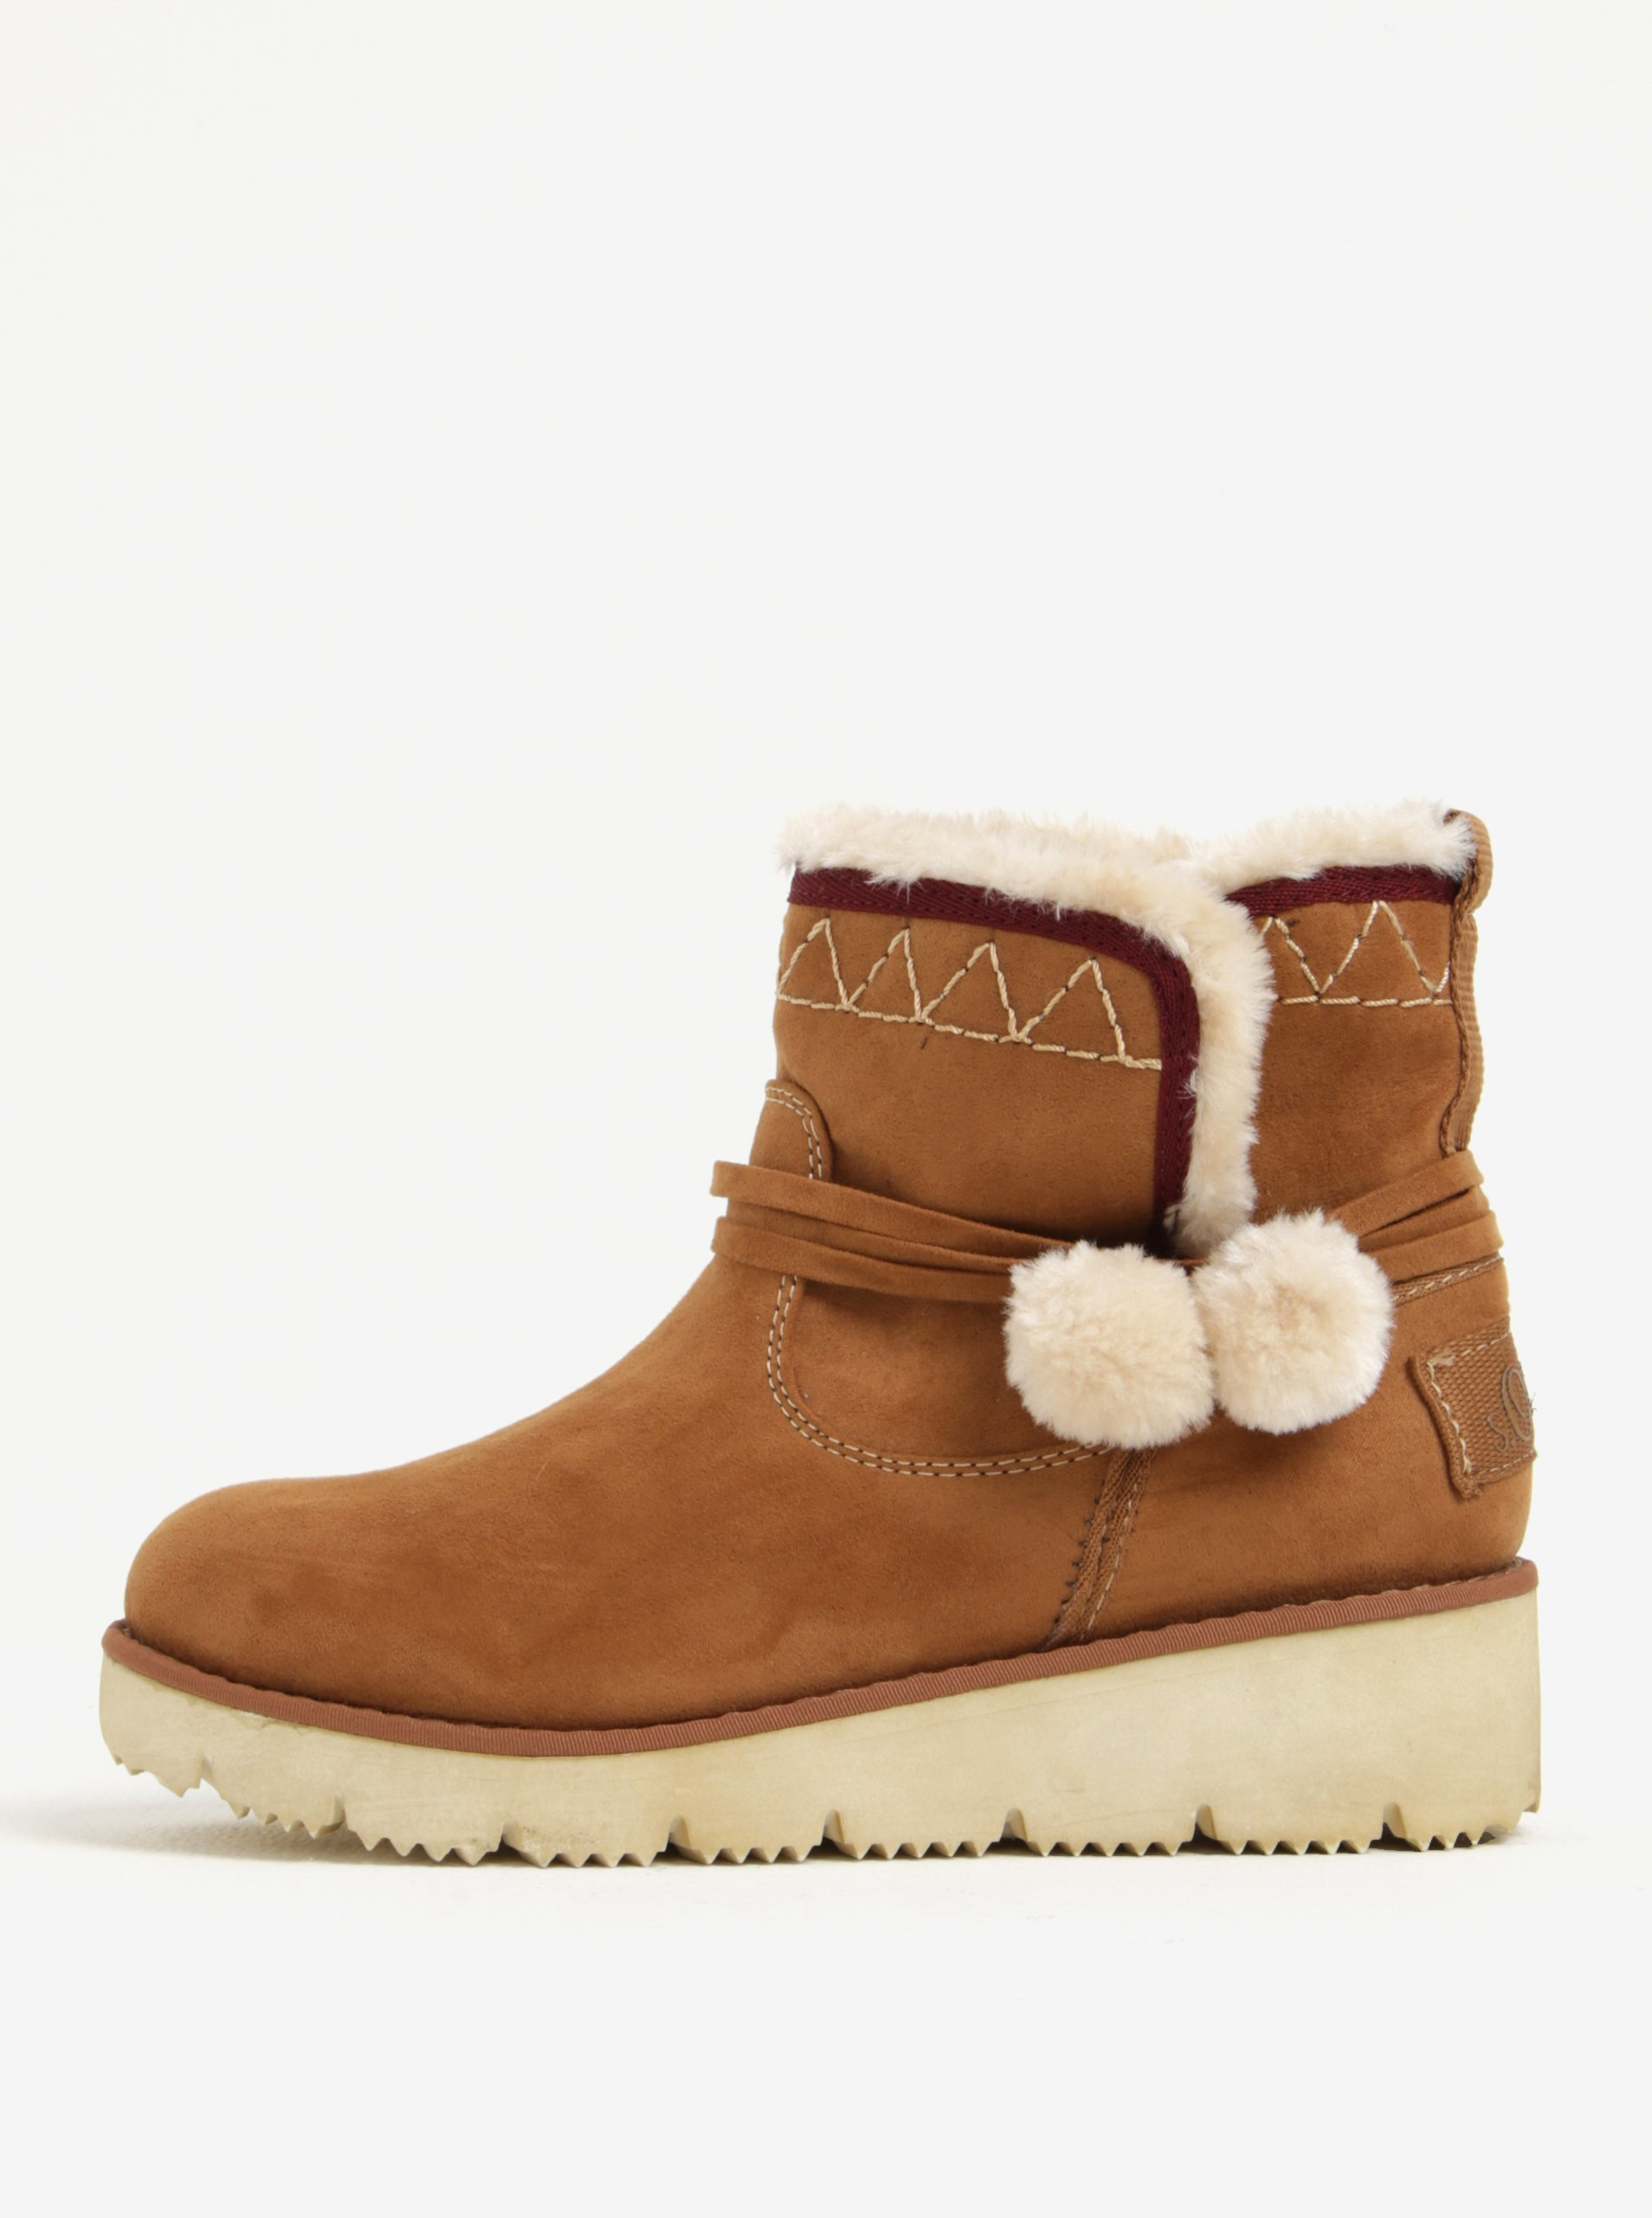 Hnědé dámské zimní kotníkové boty v semišové úpravě na platformě s.Oliver